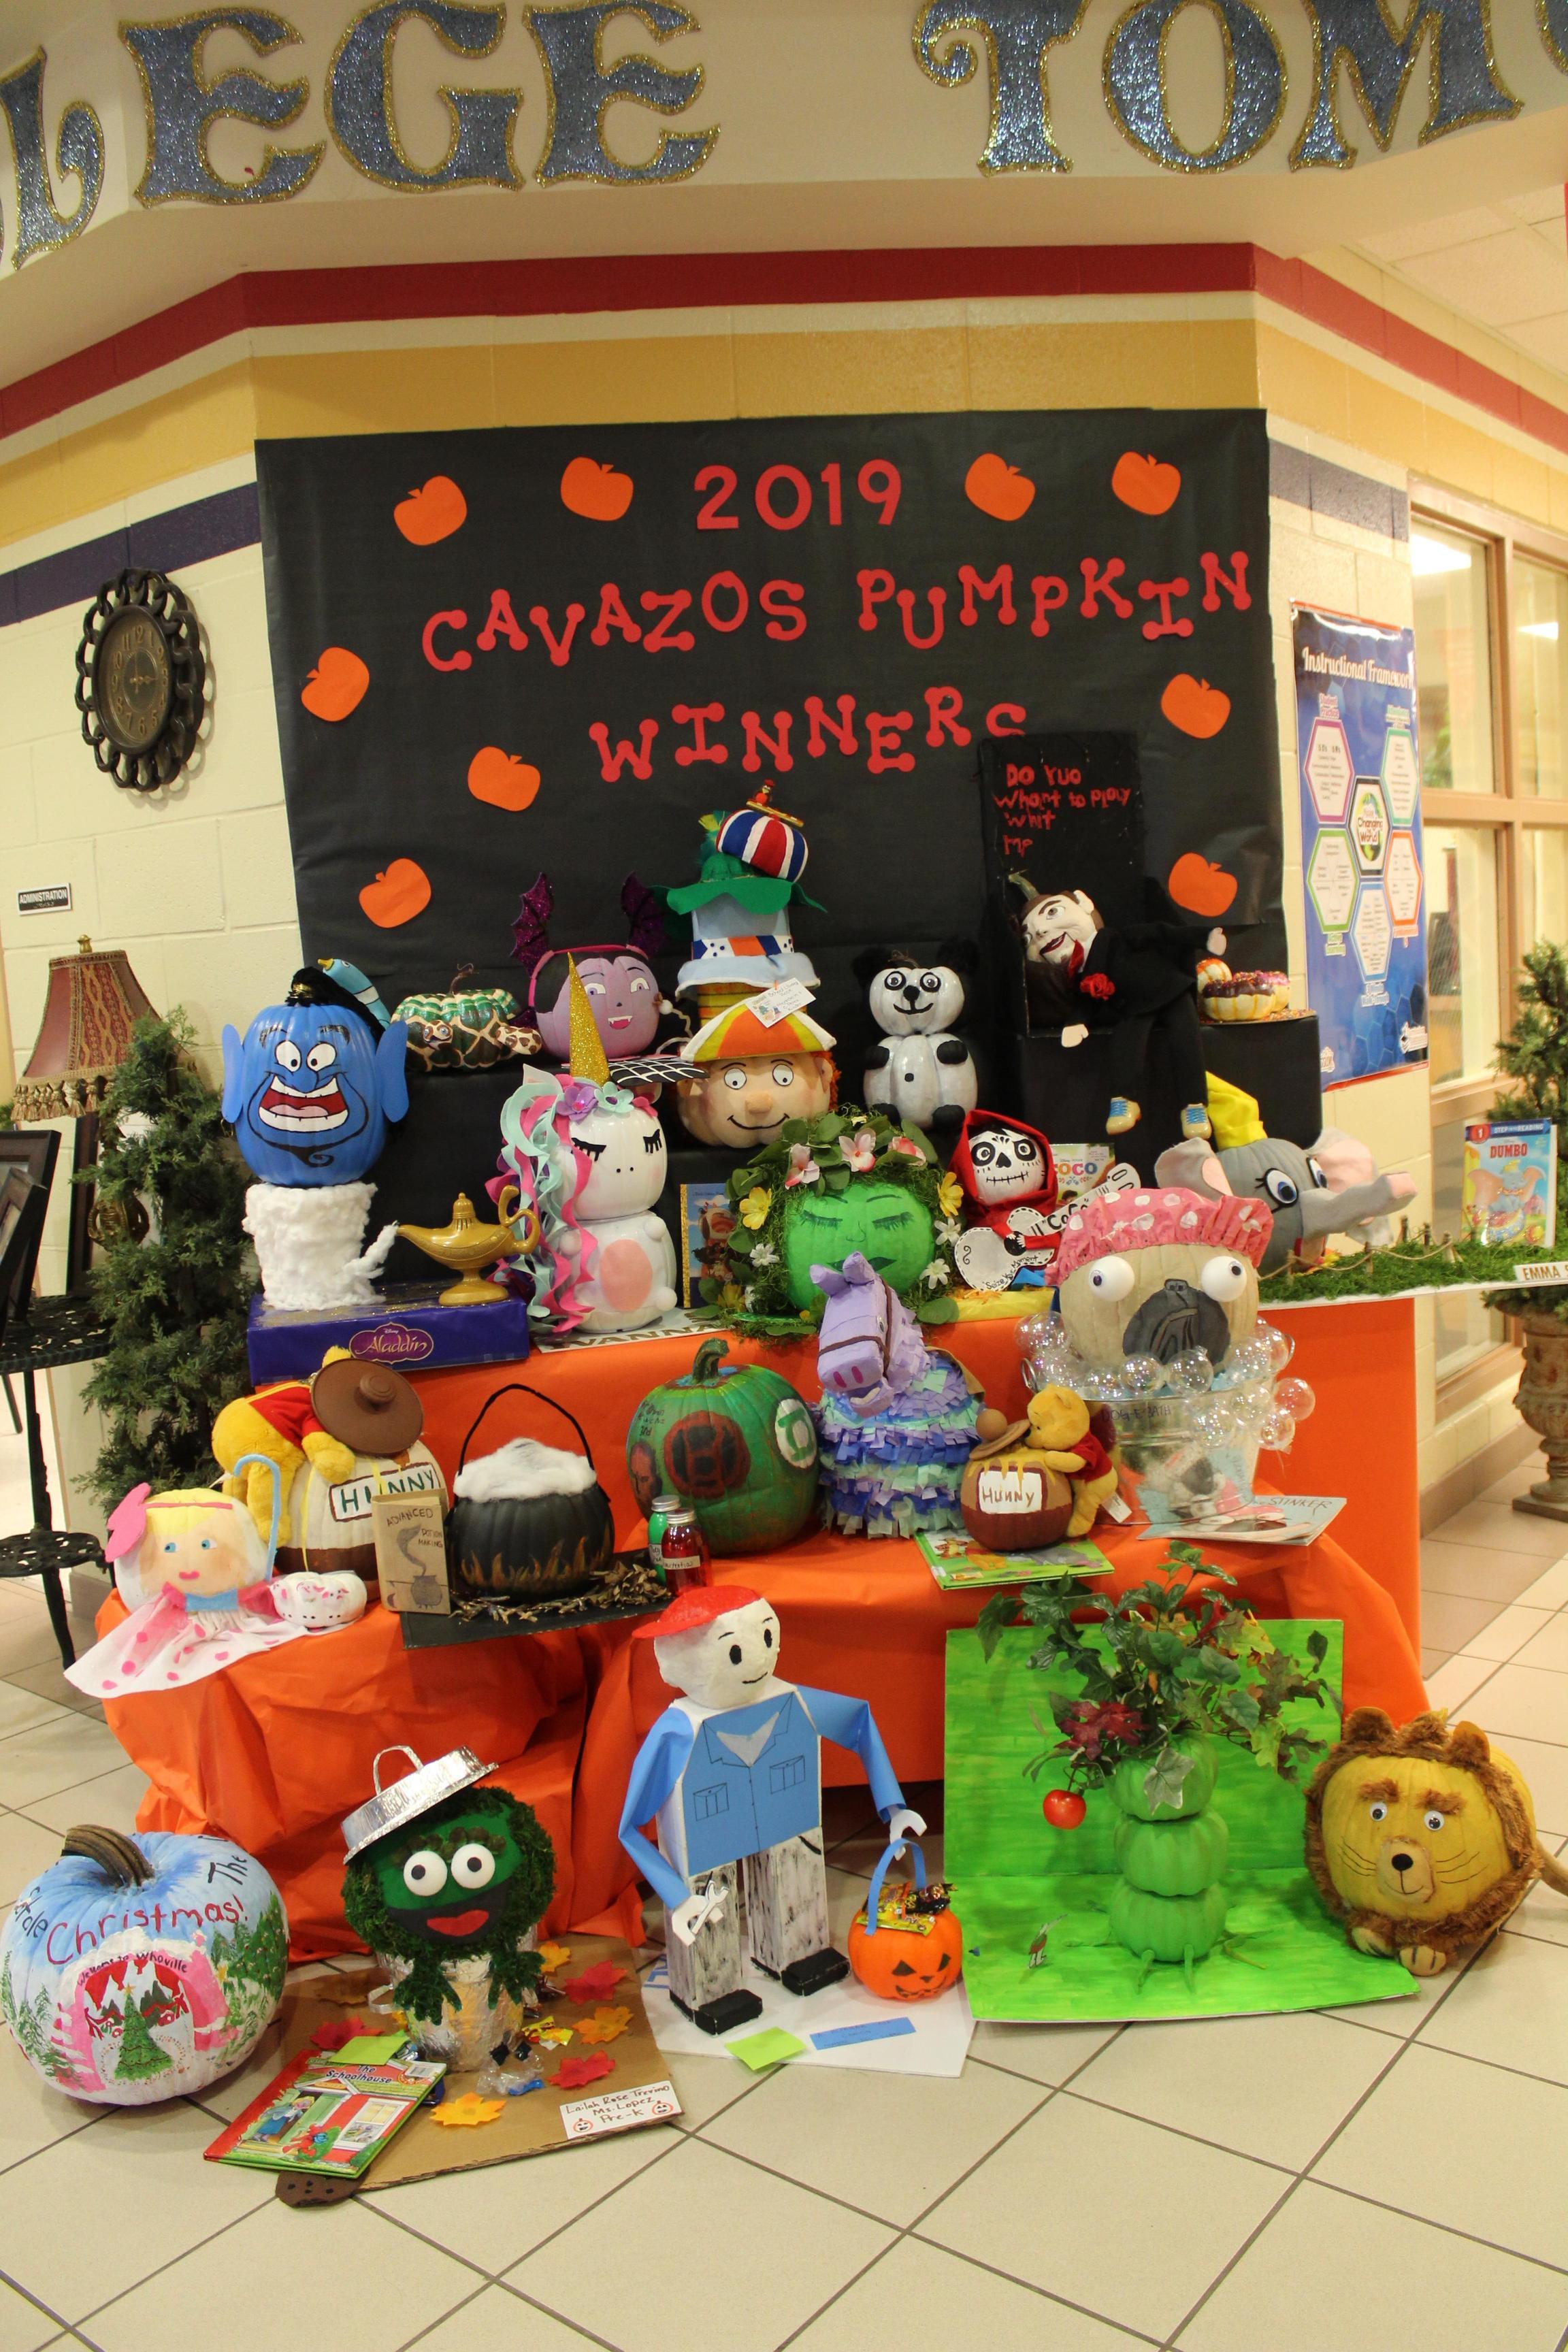 Book Character Pumpkin winners